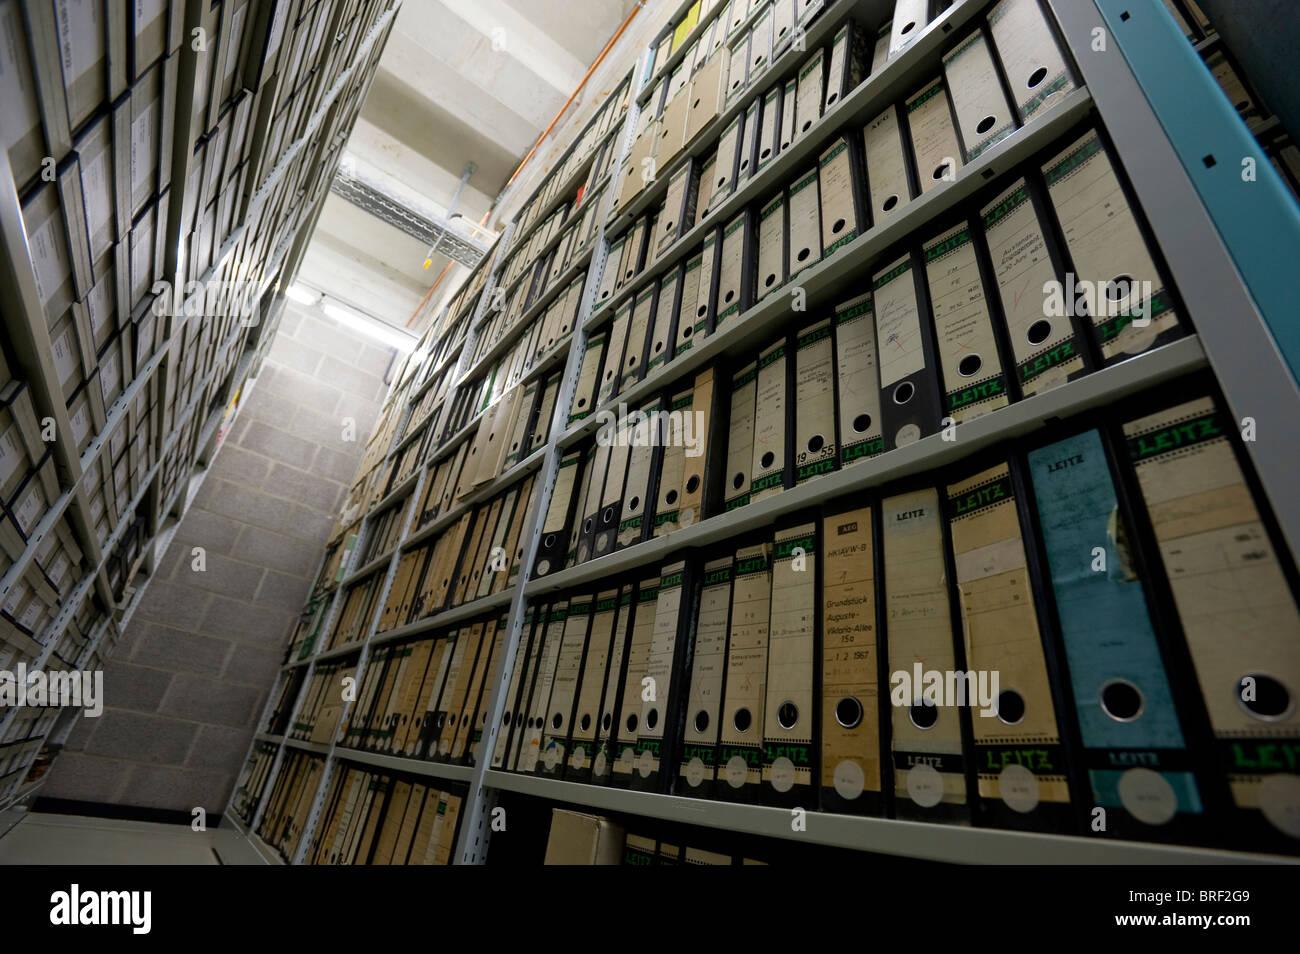 Archiv des Deutschen Technikmuseums, Deutsches Technikmuseum, Berlin, Deutschland, Europa Stockbild